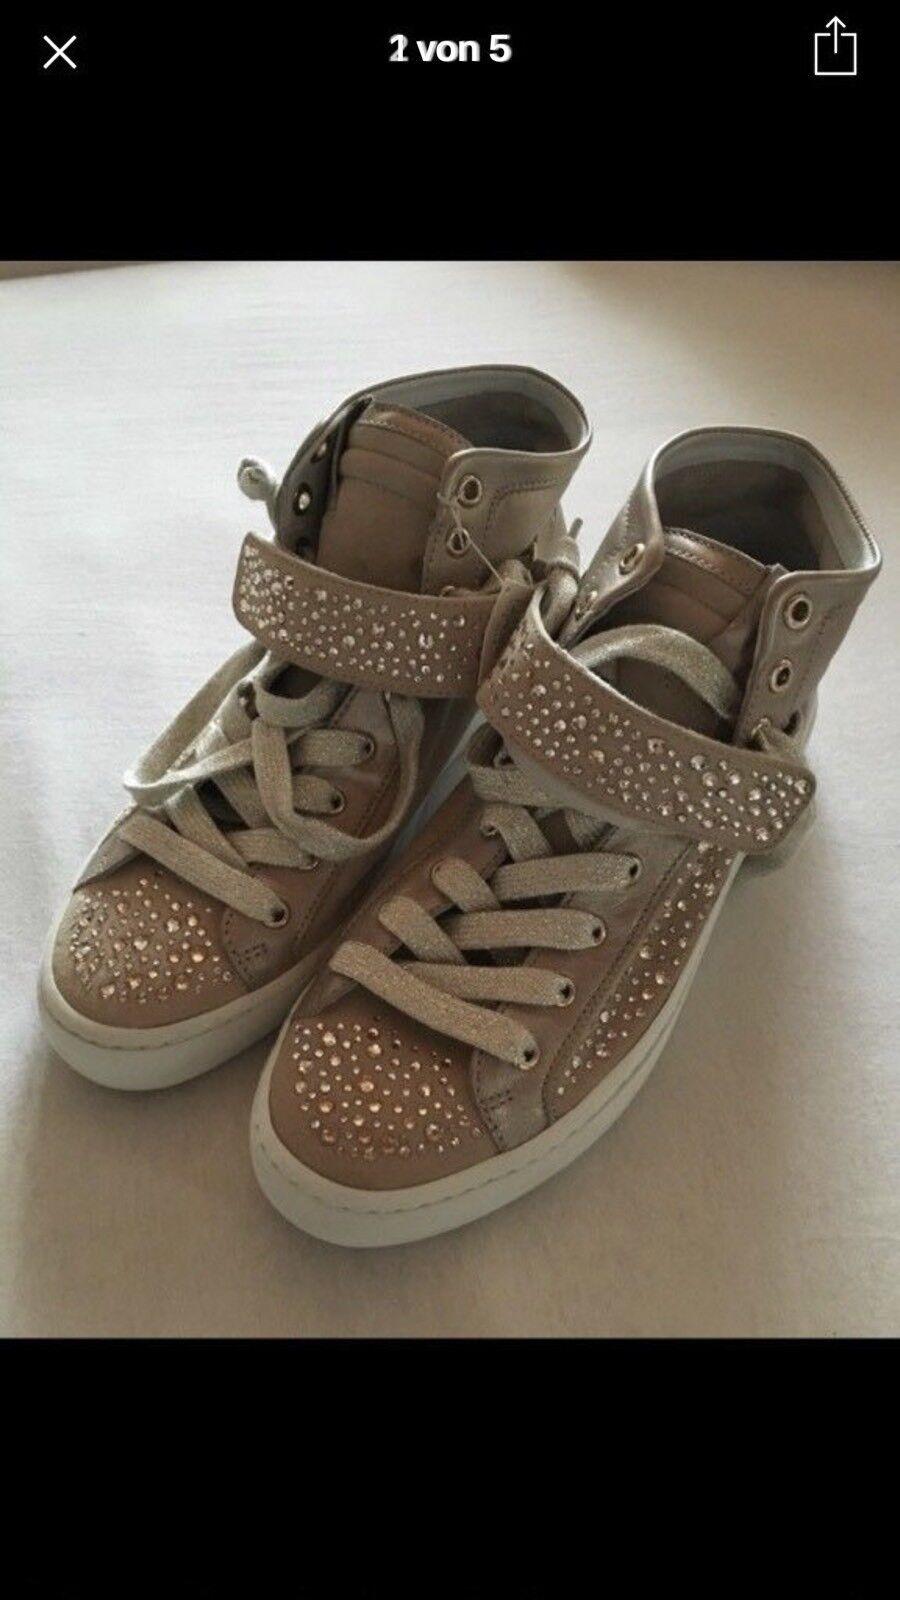 Hoegl Sneaker 37 Turnschuhe Strass Beige  37 Sneaker sneakers 09b39f